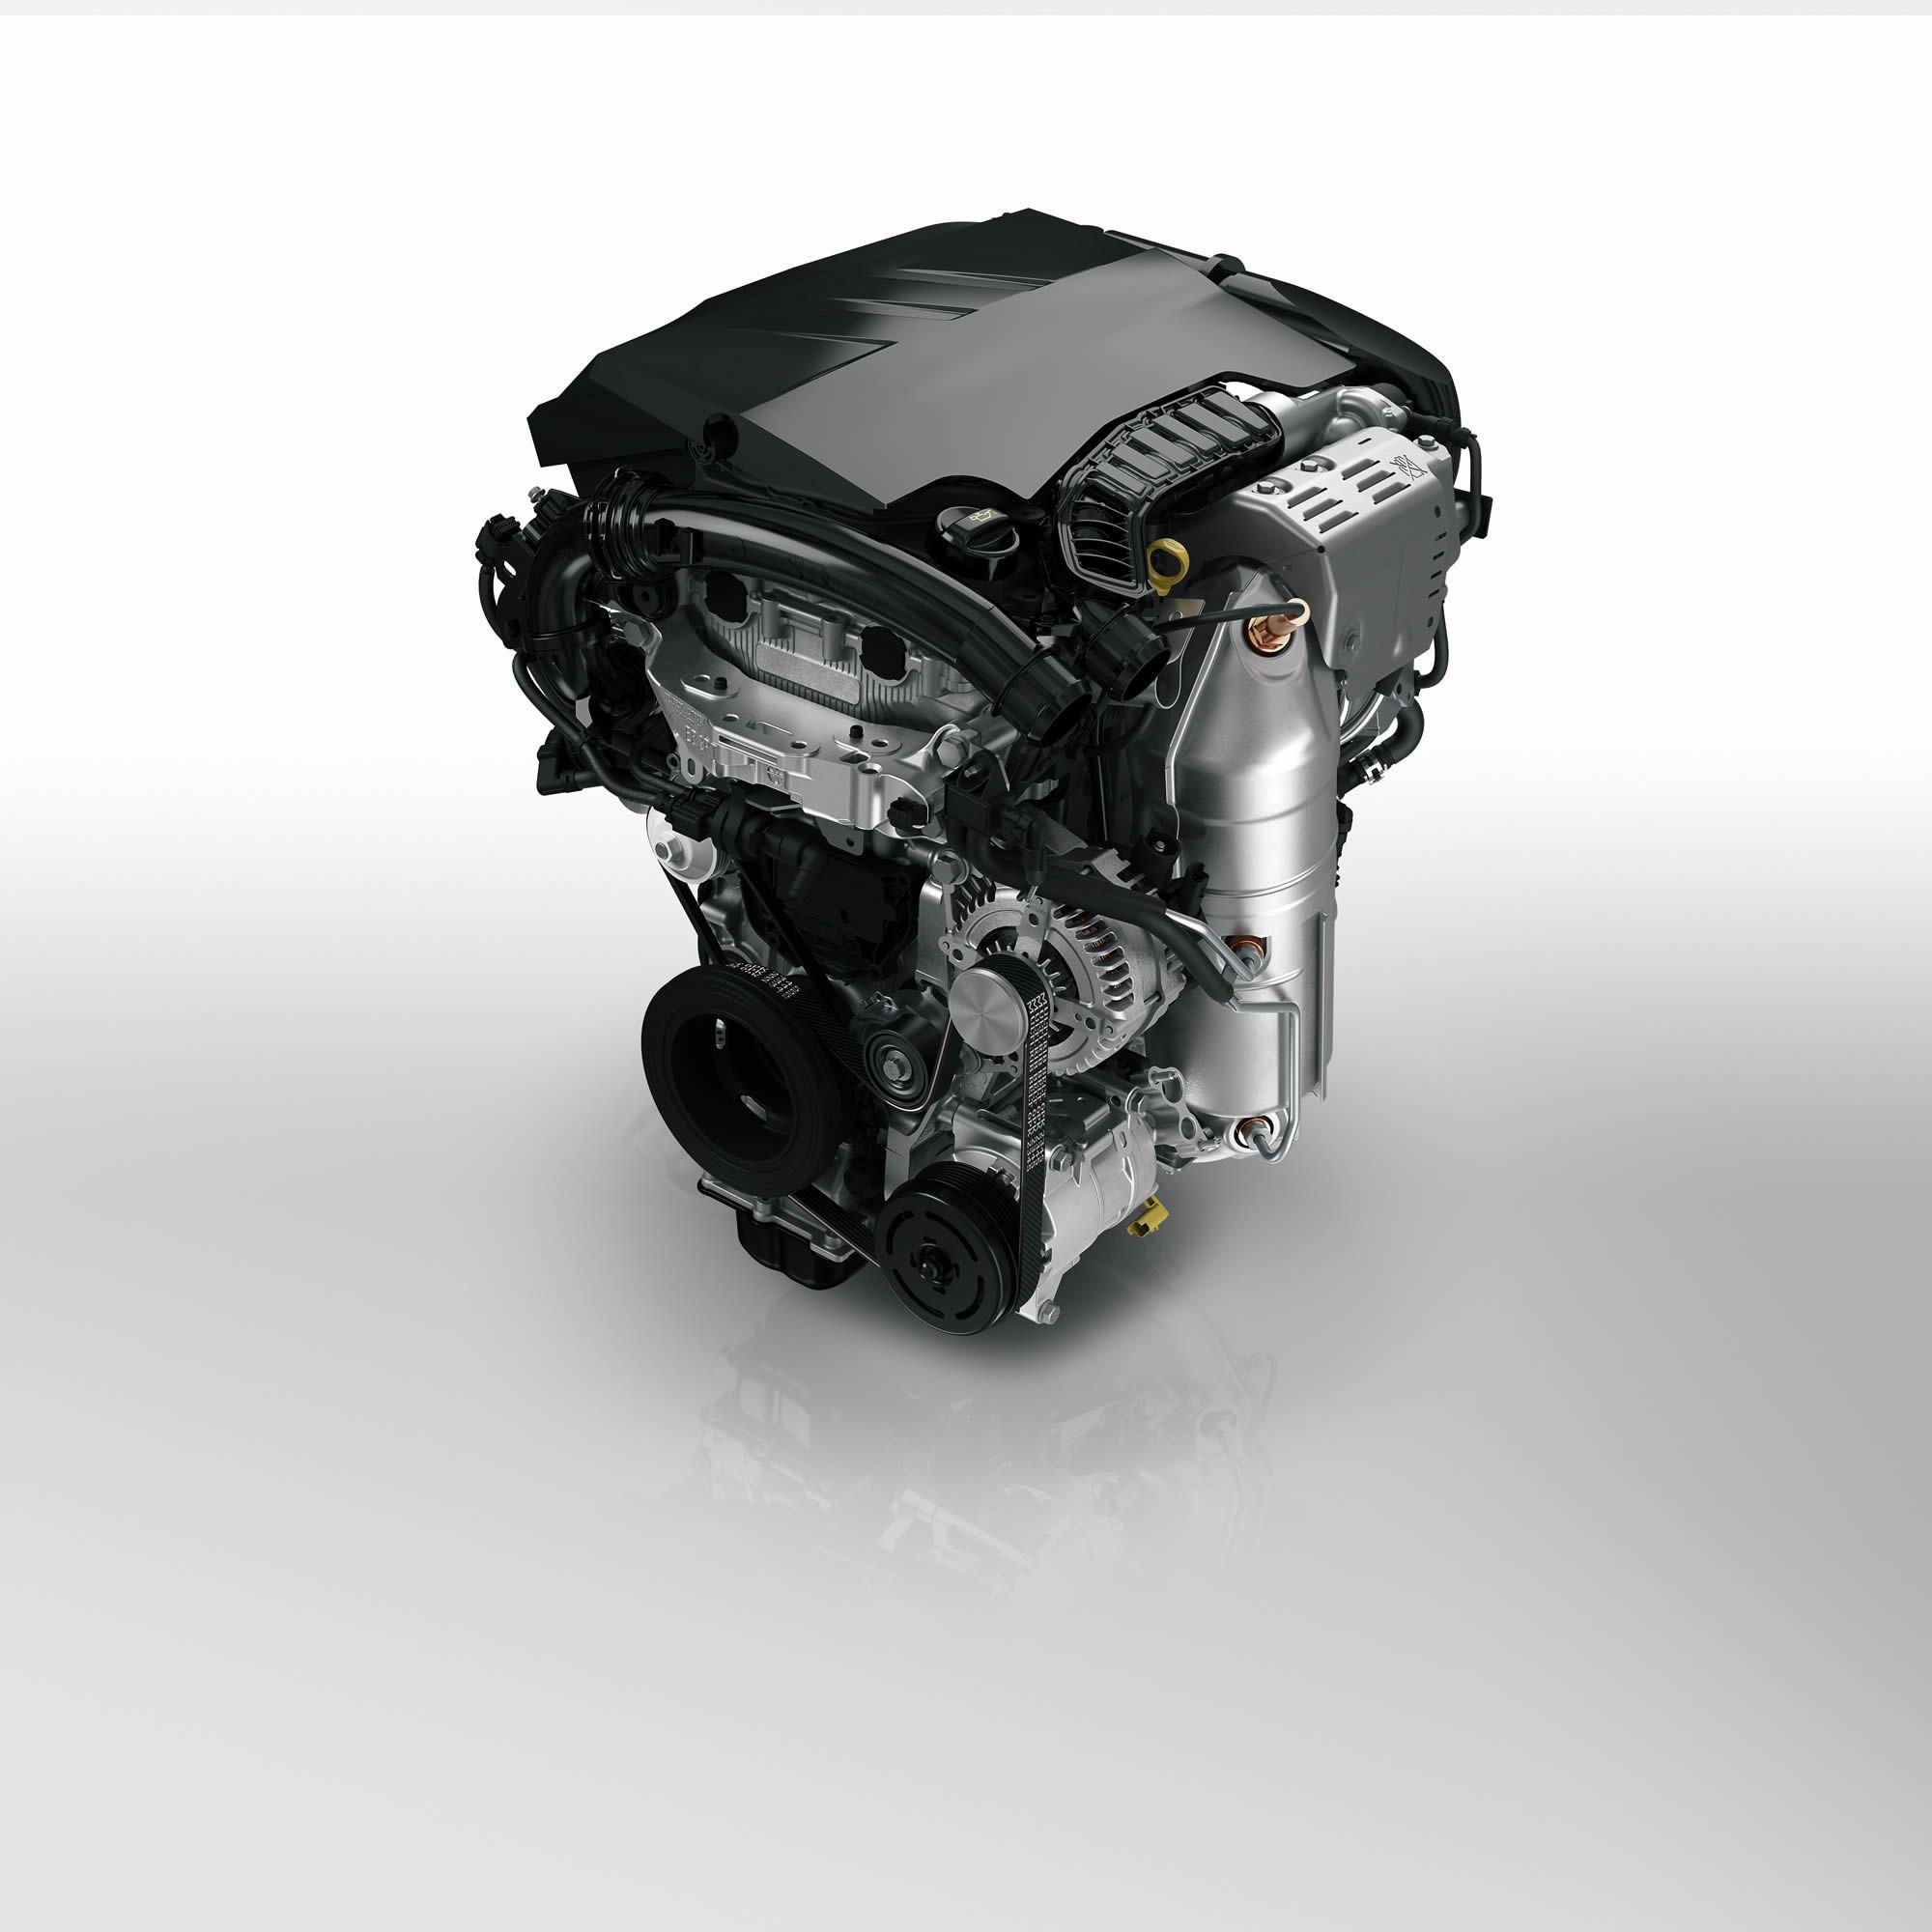 El motor de gasolina 1.2 litros y 3 cilindros turbo PureTech de Peugeot nuevamente elegido «Motor del Año 2017»